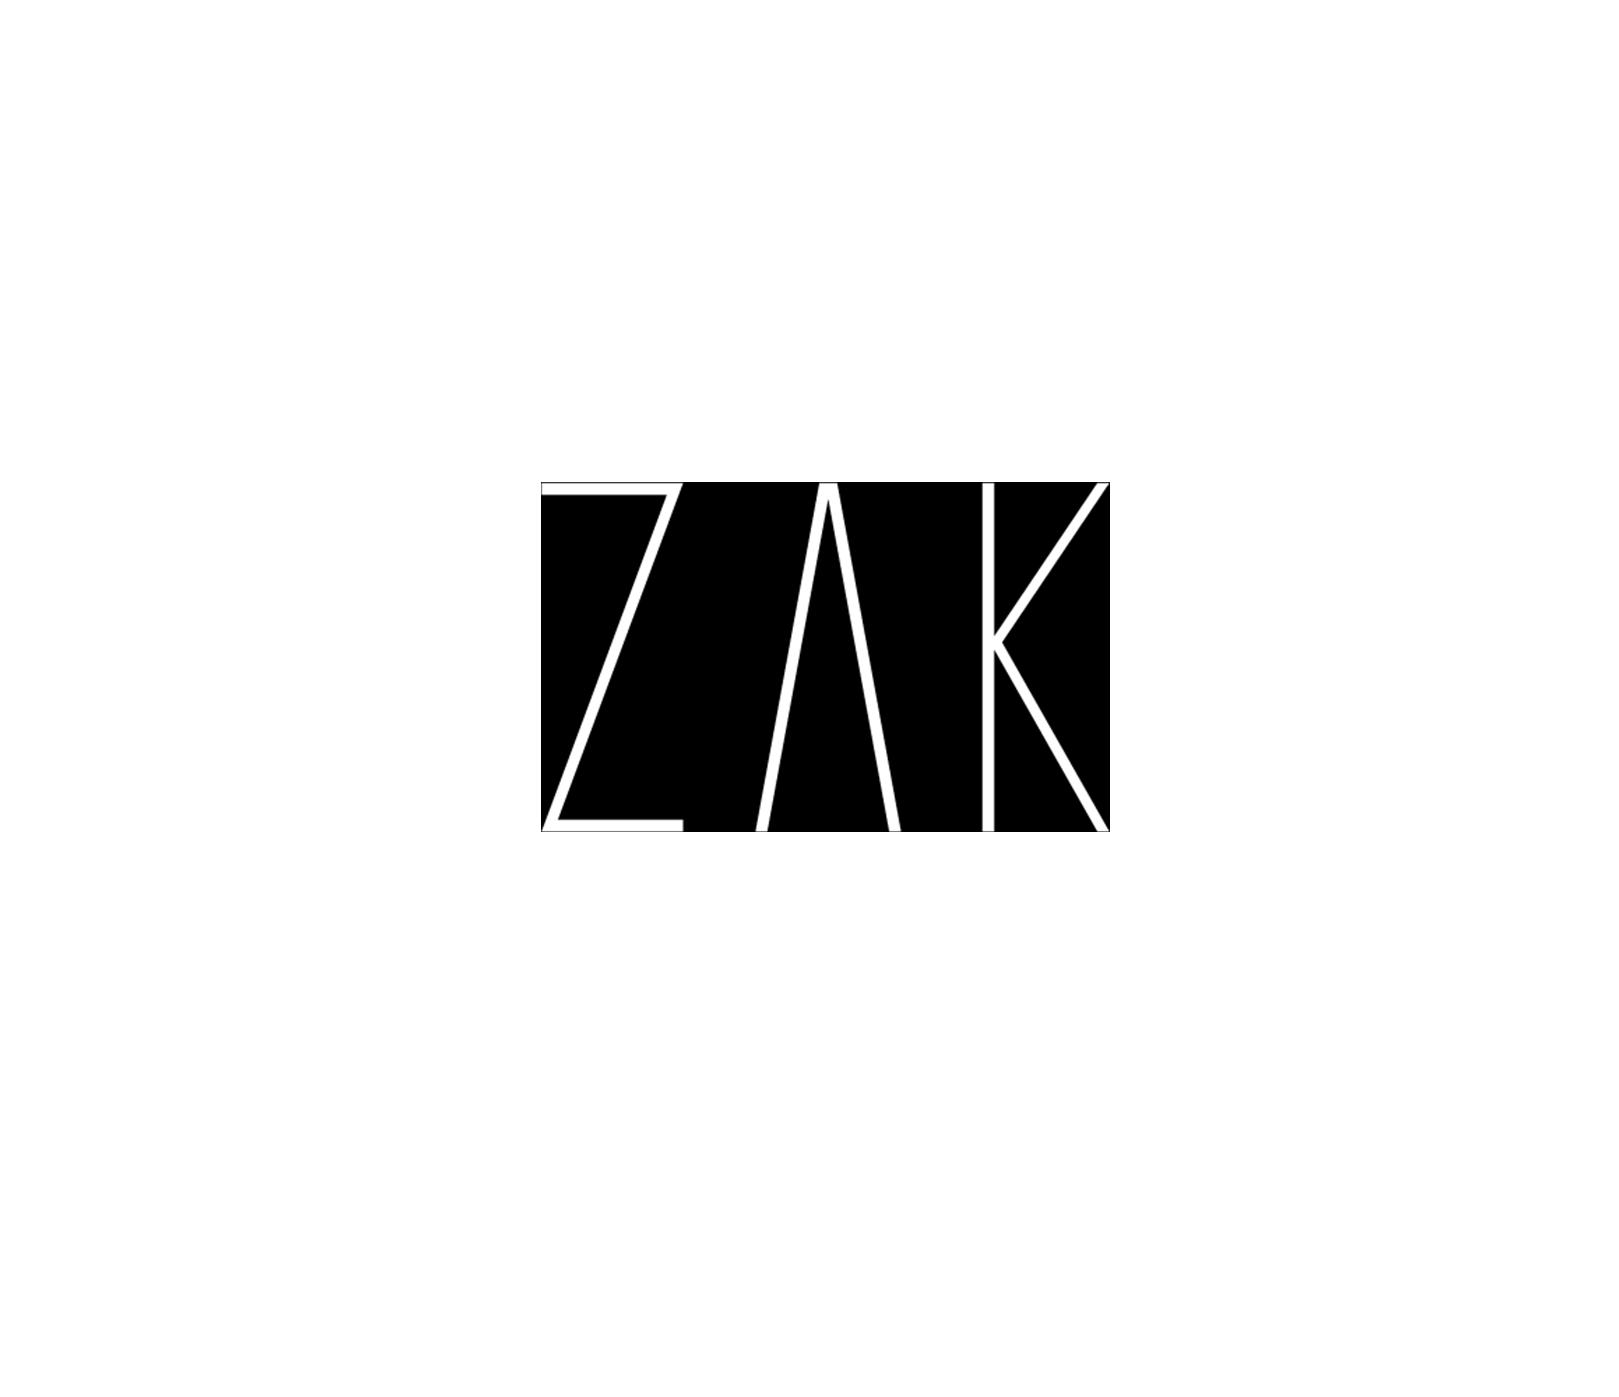 zak-white-2